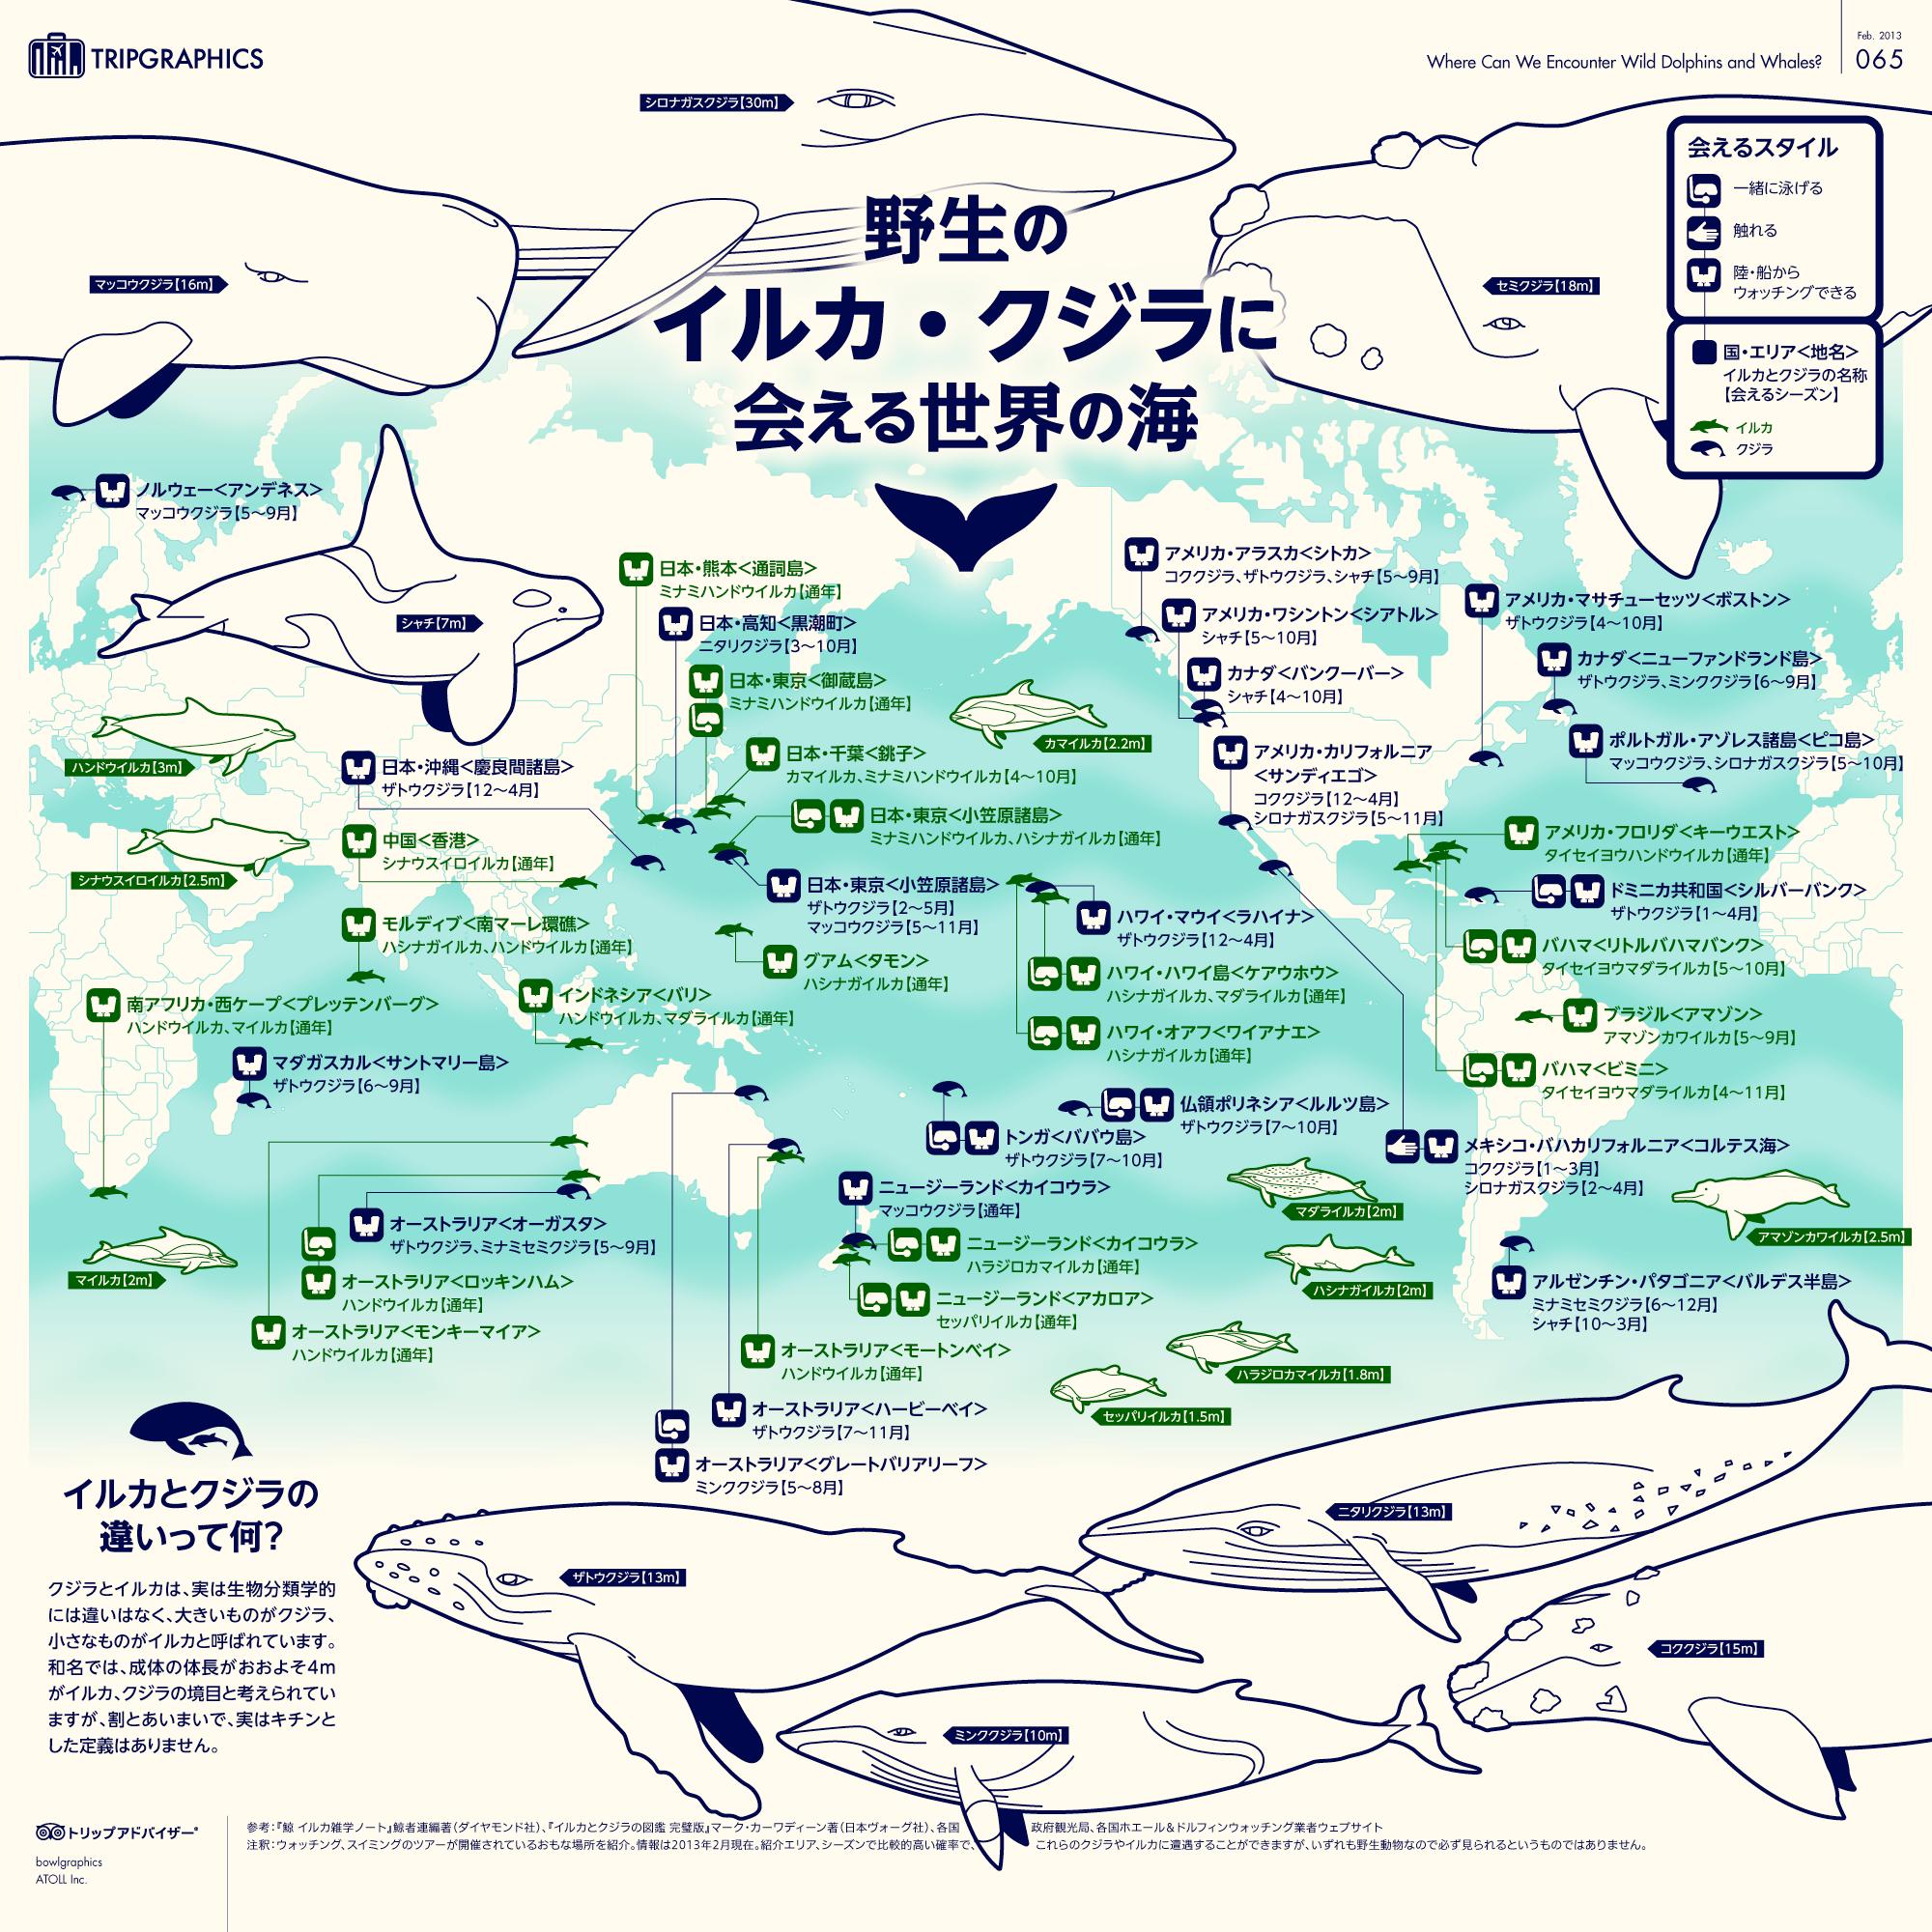 インフォグラフィック:イルカやクジラと泳げるスポット一覧。海の感動をあたなにも